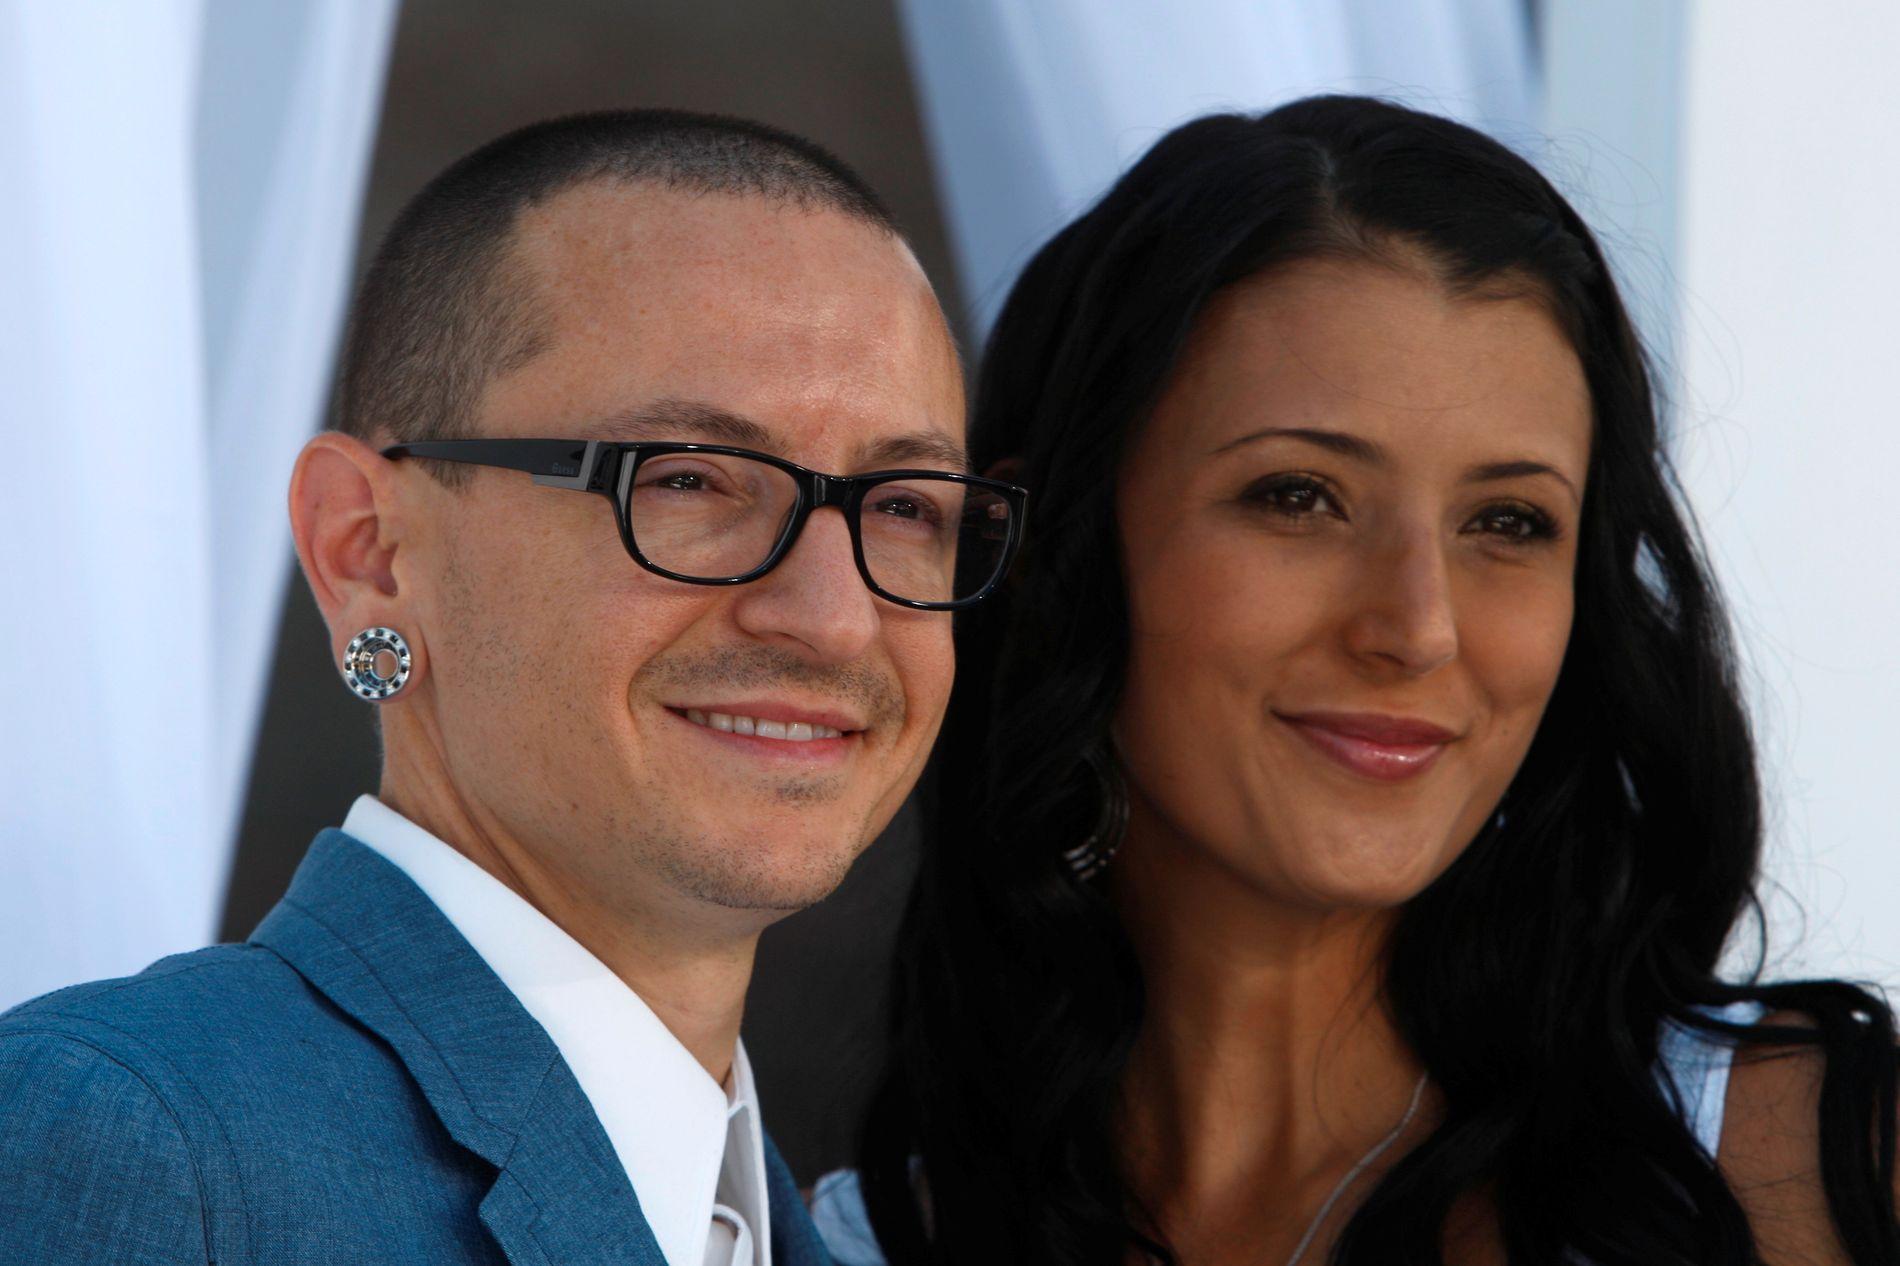 DEPRESJONENS MANGE ANSIKT: Talinda Bennington deler video av Chester Bennington for å vise at depresjon ikke har et ansikt eller humør.